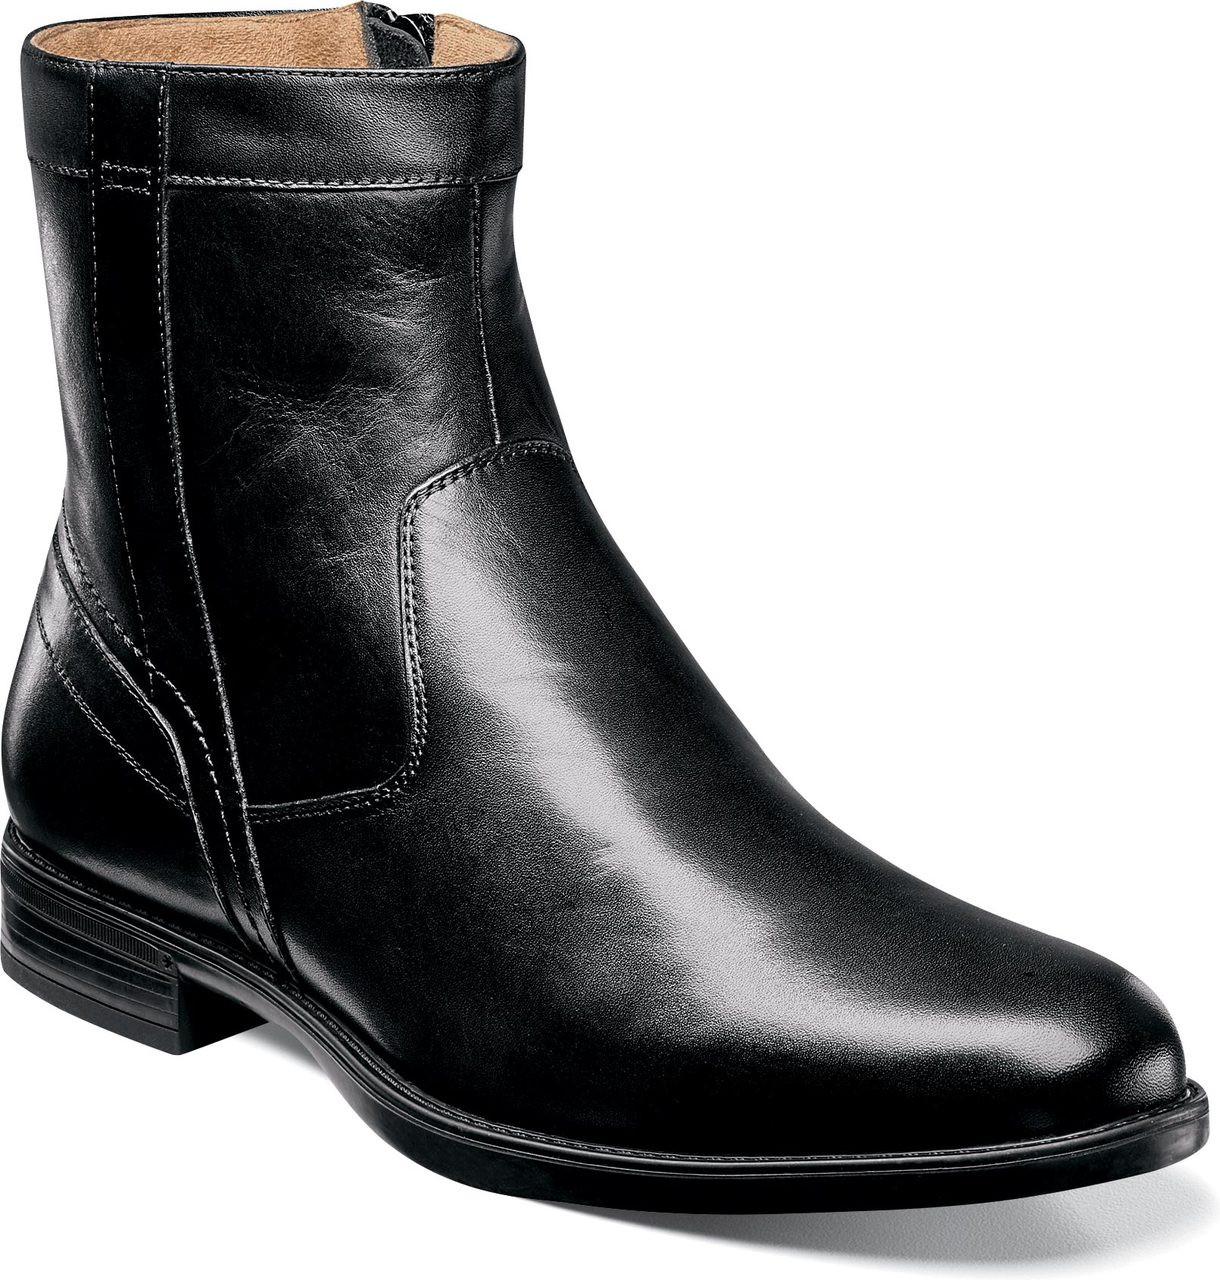 fd85ecbb1f5 Florsheim Midtown Zipper Boot - FREE Shipping & FREE Returns - Dress ...